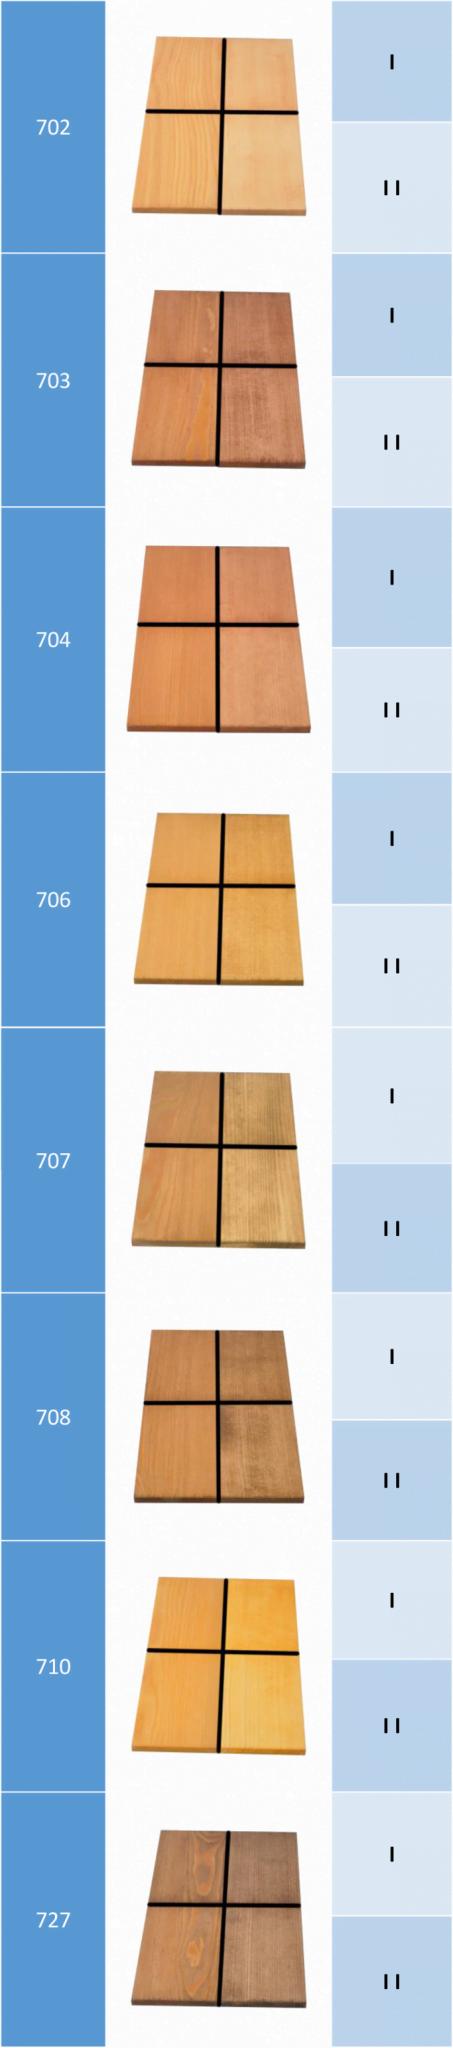 Barvna karta oljenje lesenih izdelkov 2